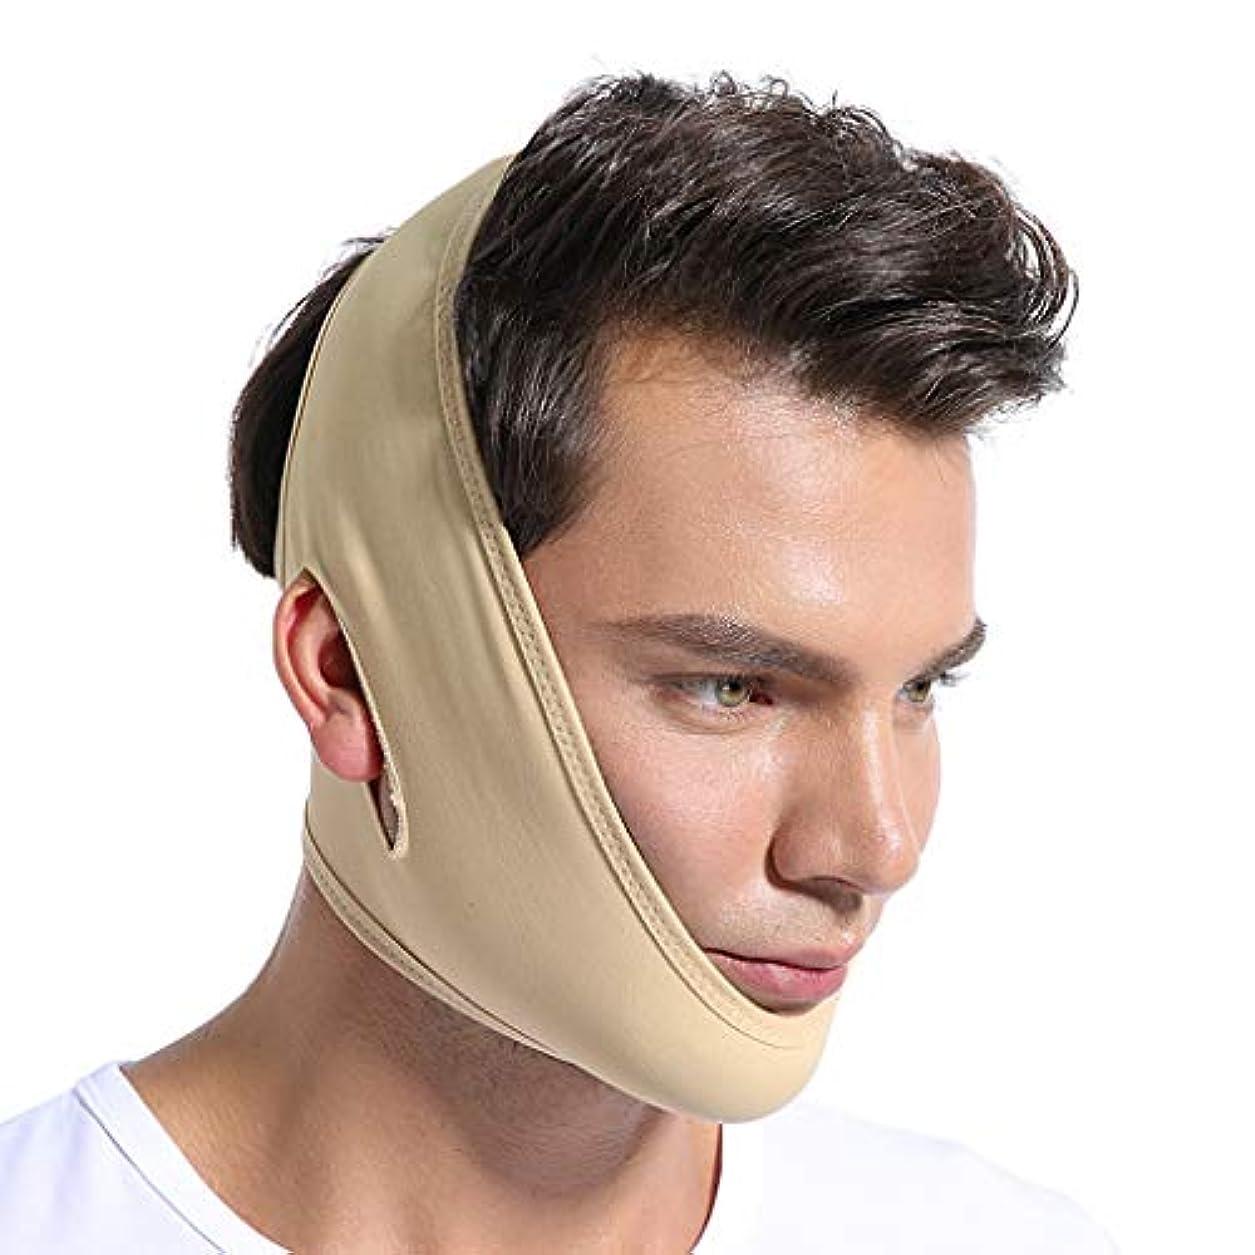 悲しいステープル眠っている医療ワイヤは、回復回復マスクは、同じ段落を揺るがすネット赤の男性と女性の顔の包帯 v 顔薄い顔アーティファクトを彫る